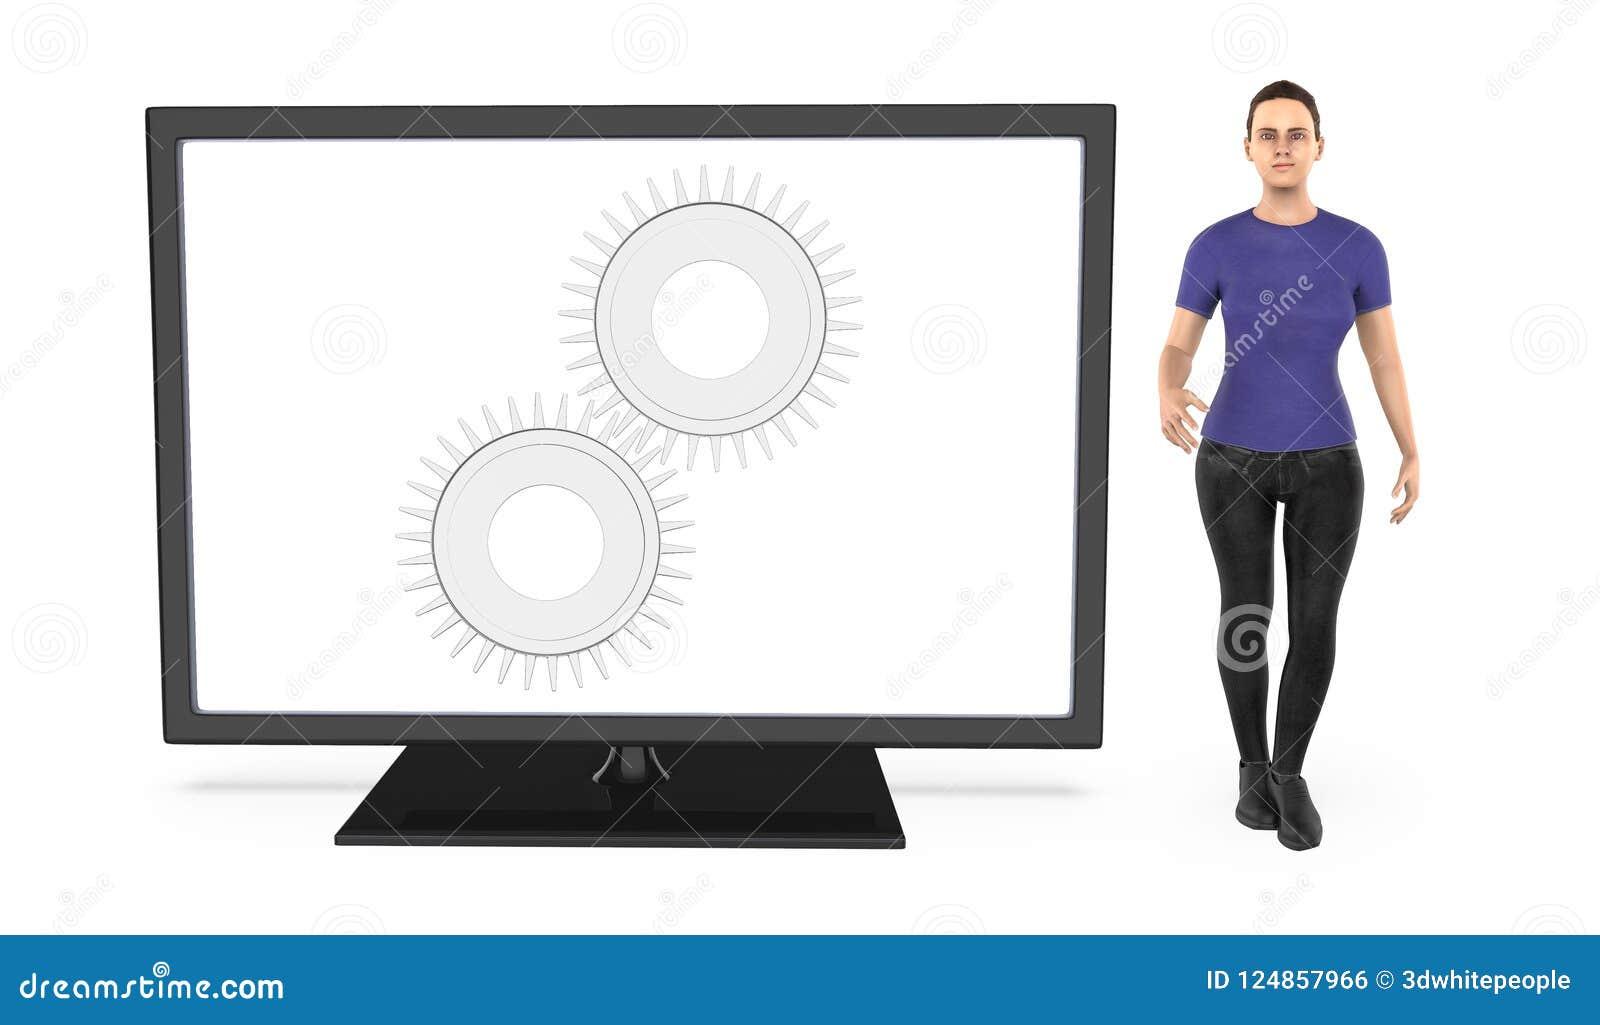 ο τρισδιάστατος χαρακτήρας, γυναίκα που στέκεται κοντά σε μια οθόνη οργάνων ελέγχου με cogwheel σε σε το τσίμπημα, ρυθμίζει, τοπο